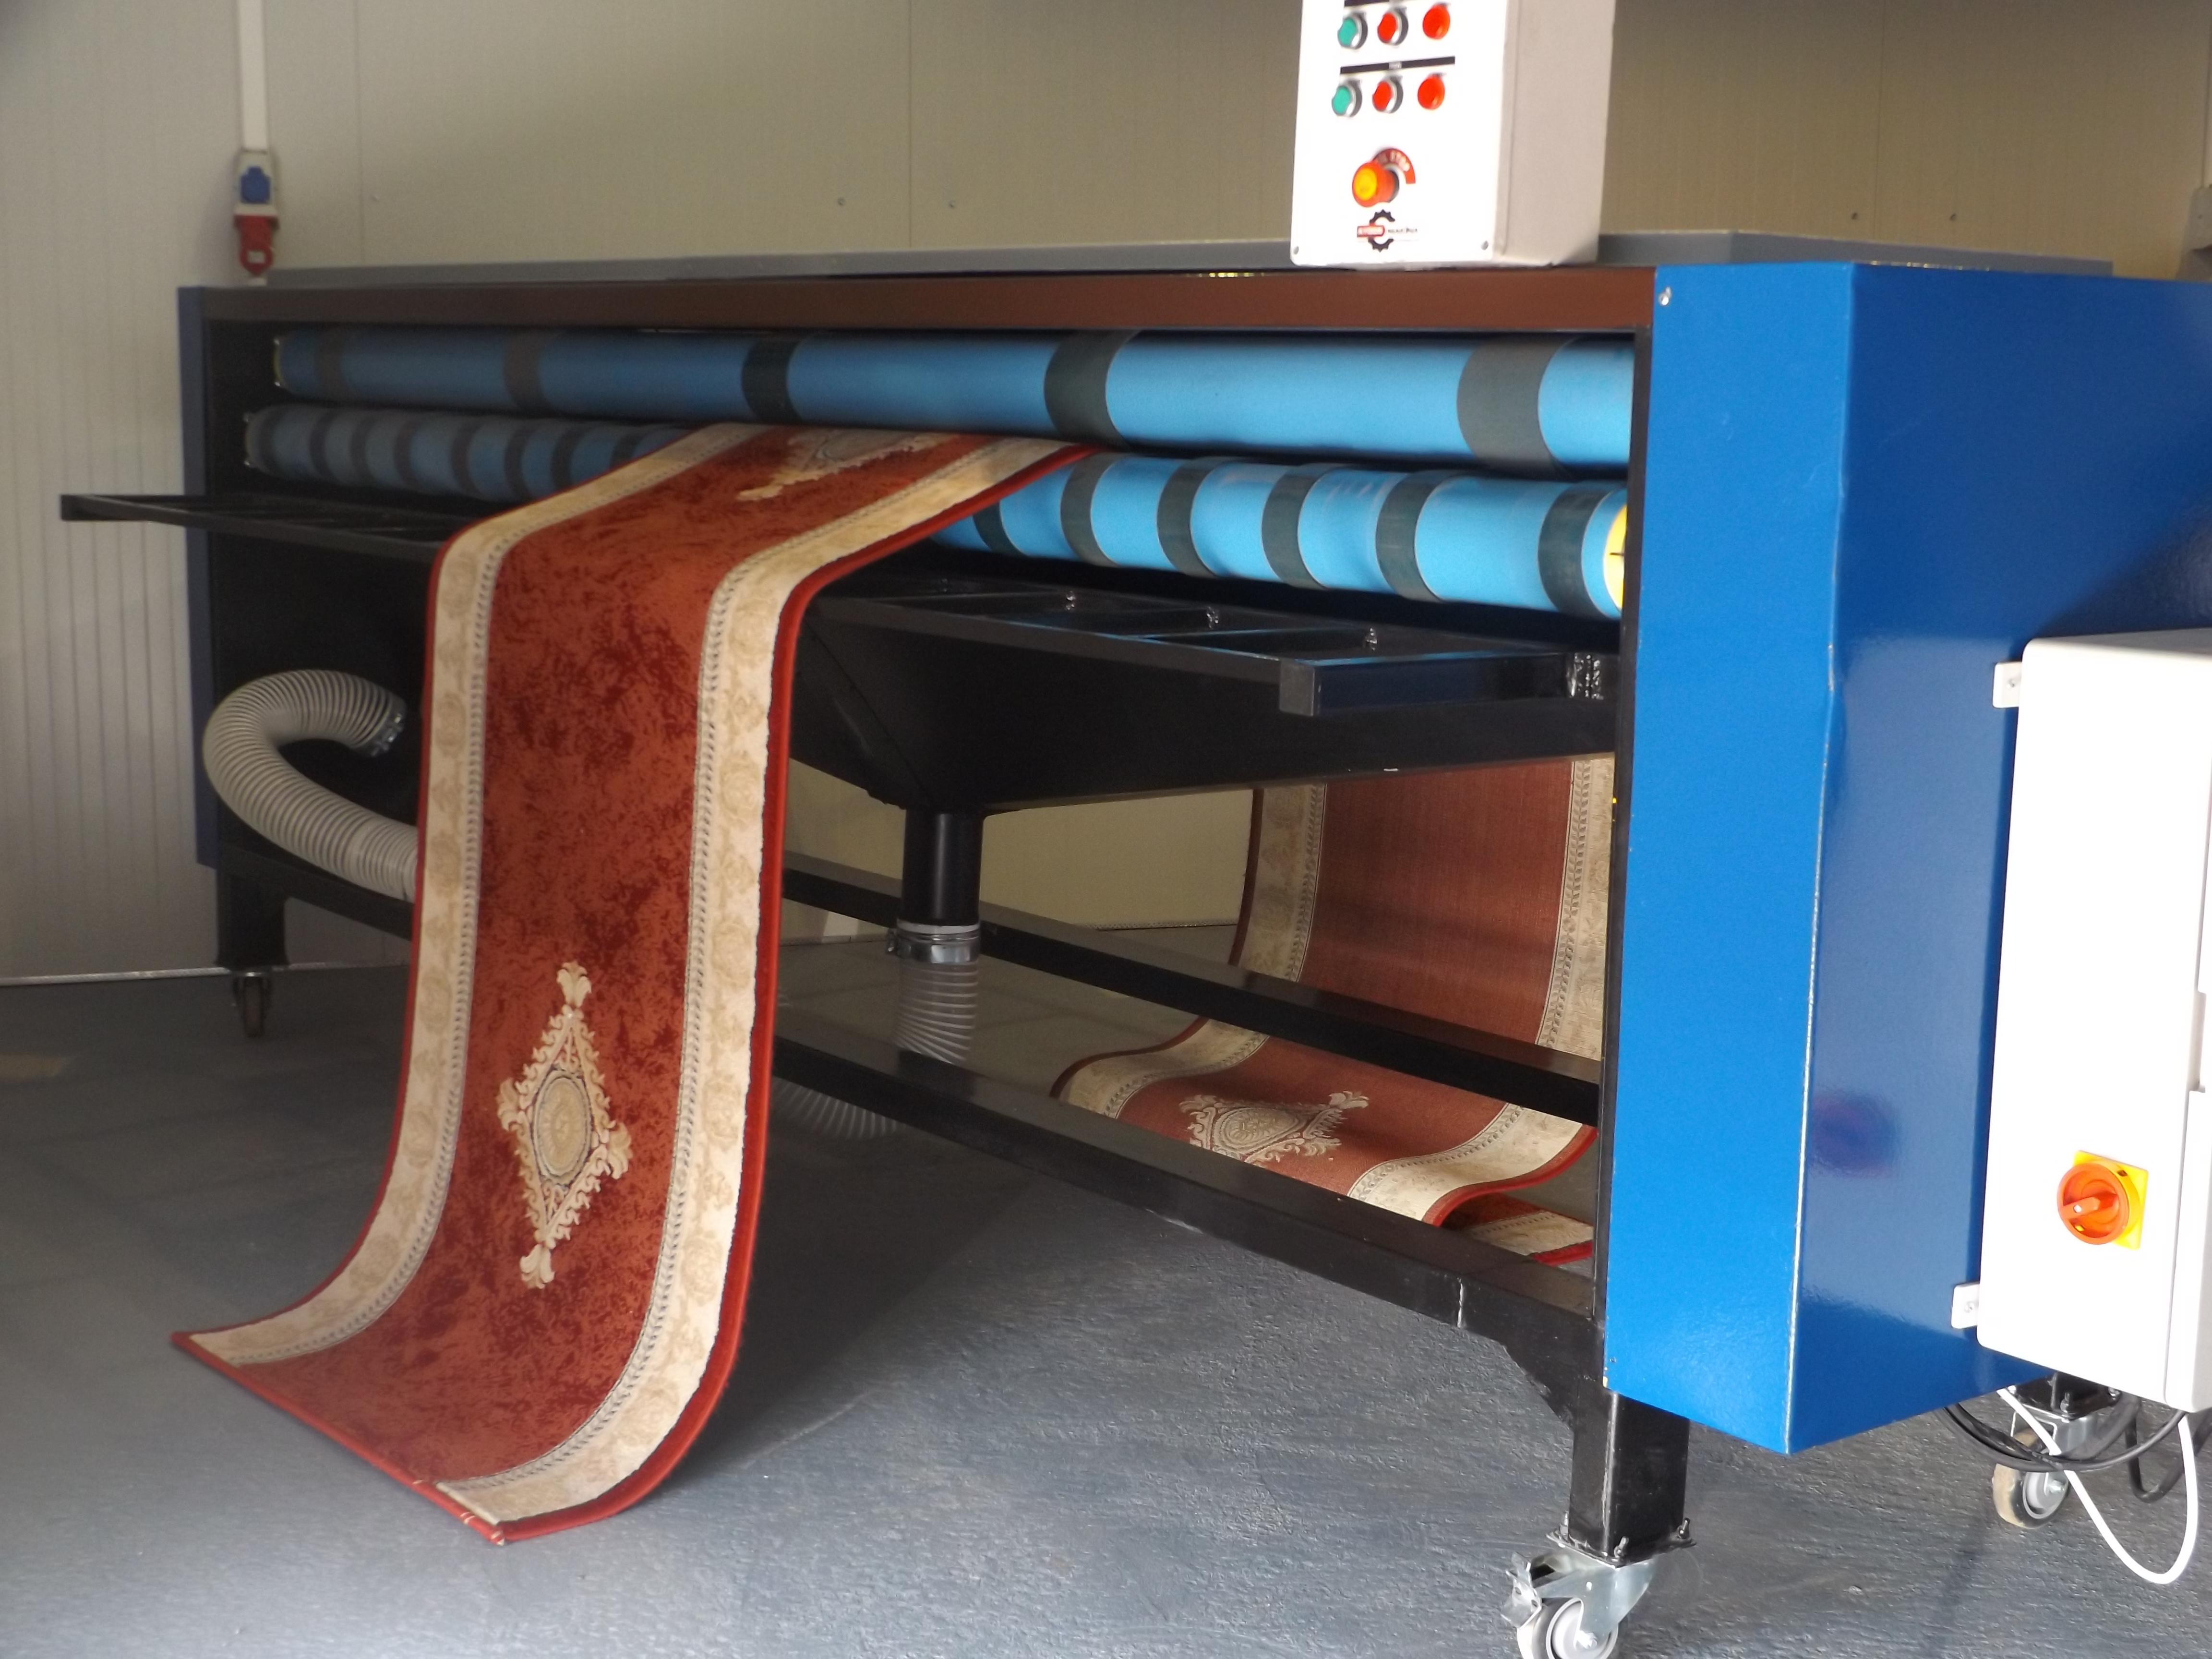 Kvalitné hĺbkové čistenie a tepovanie kobercov a čistiareň kobercov ... 8f7e3528641